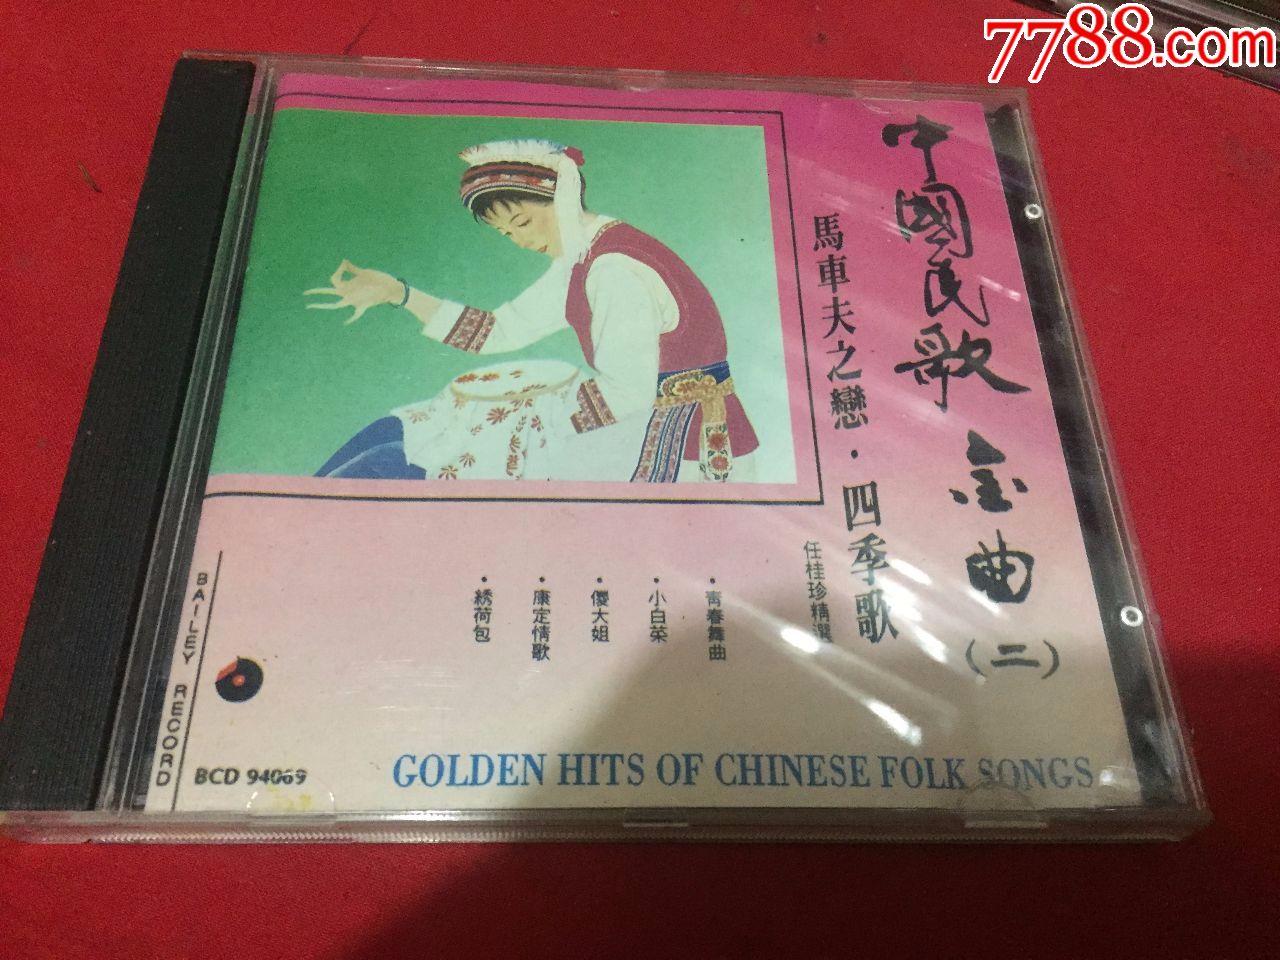 中国民歌金曲_第1张_